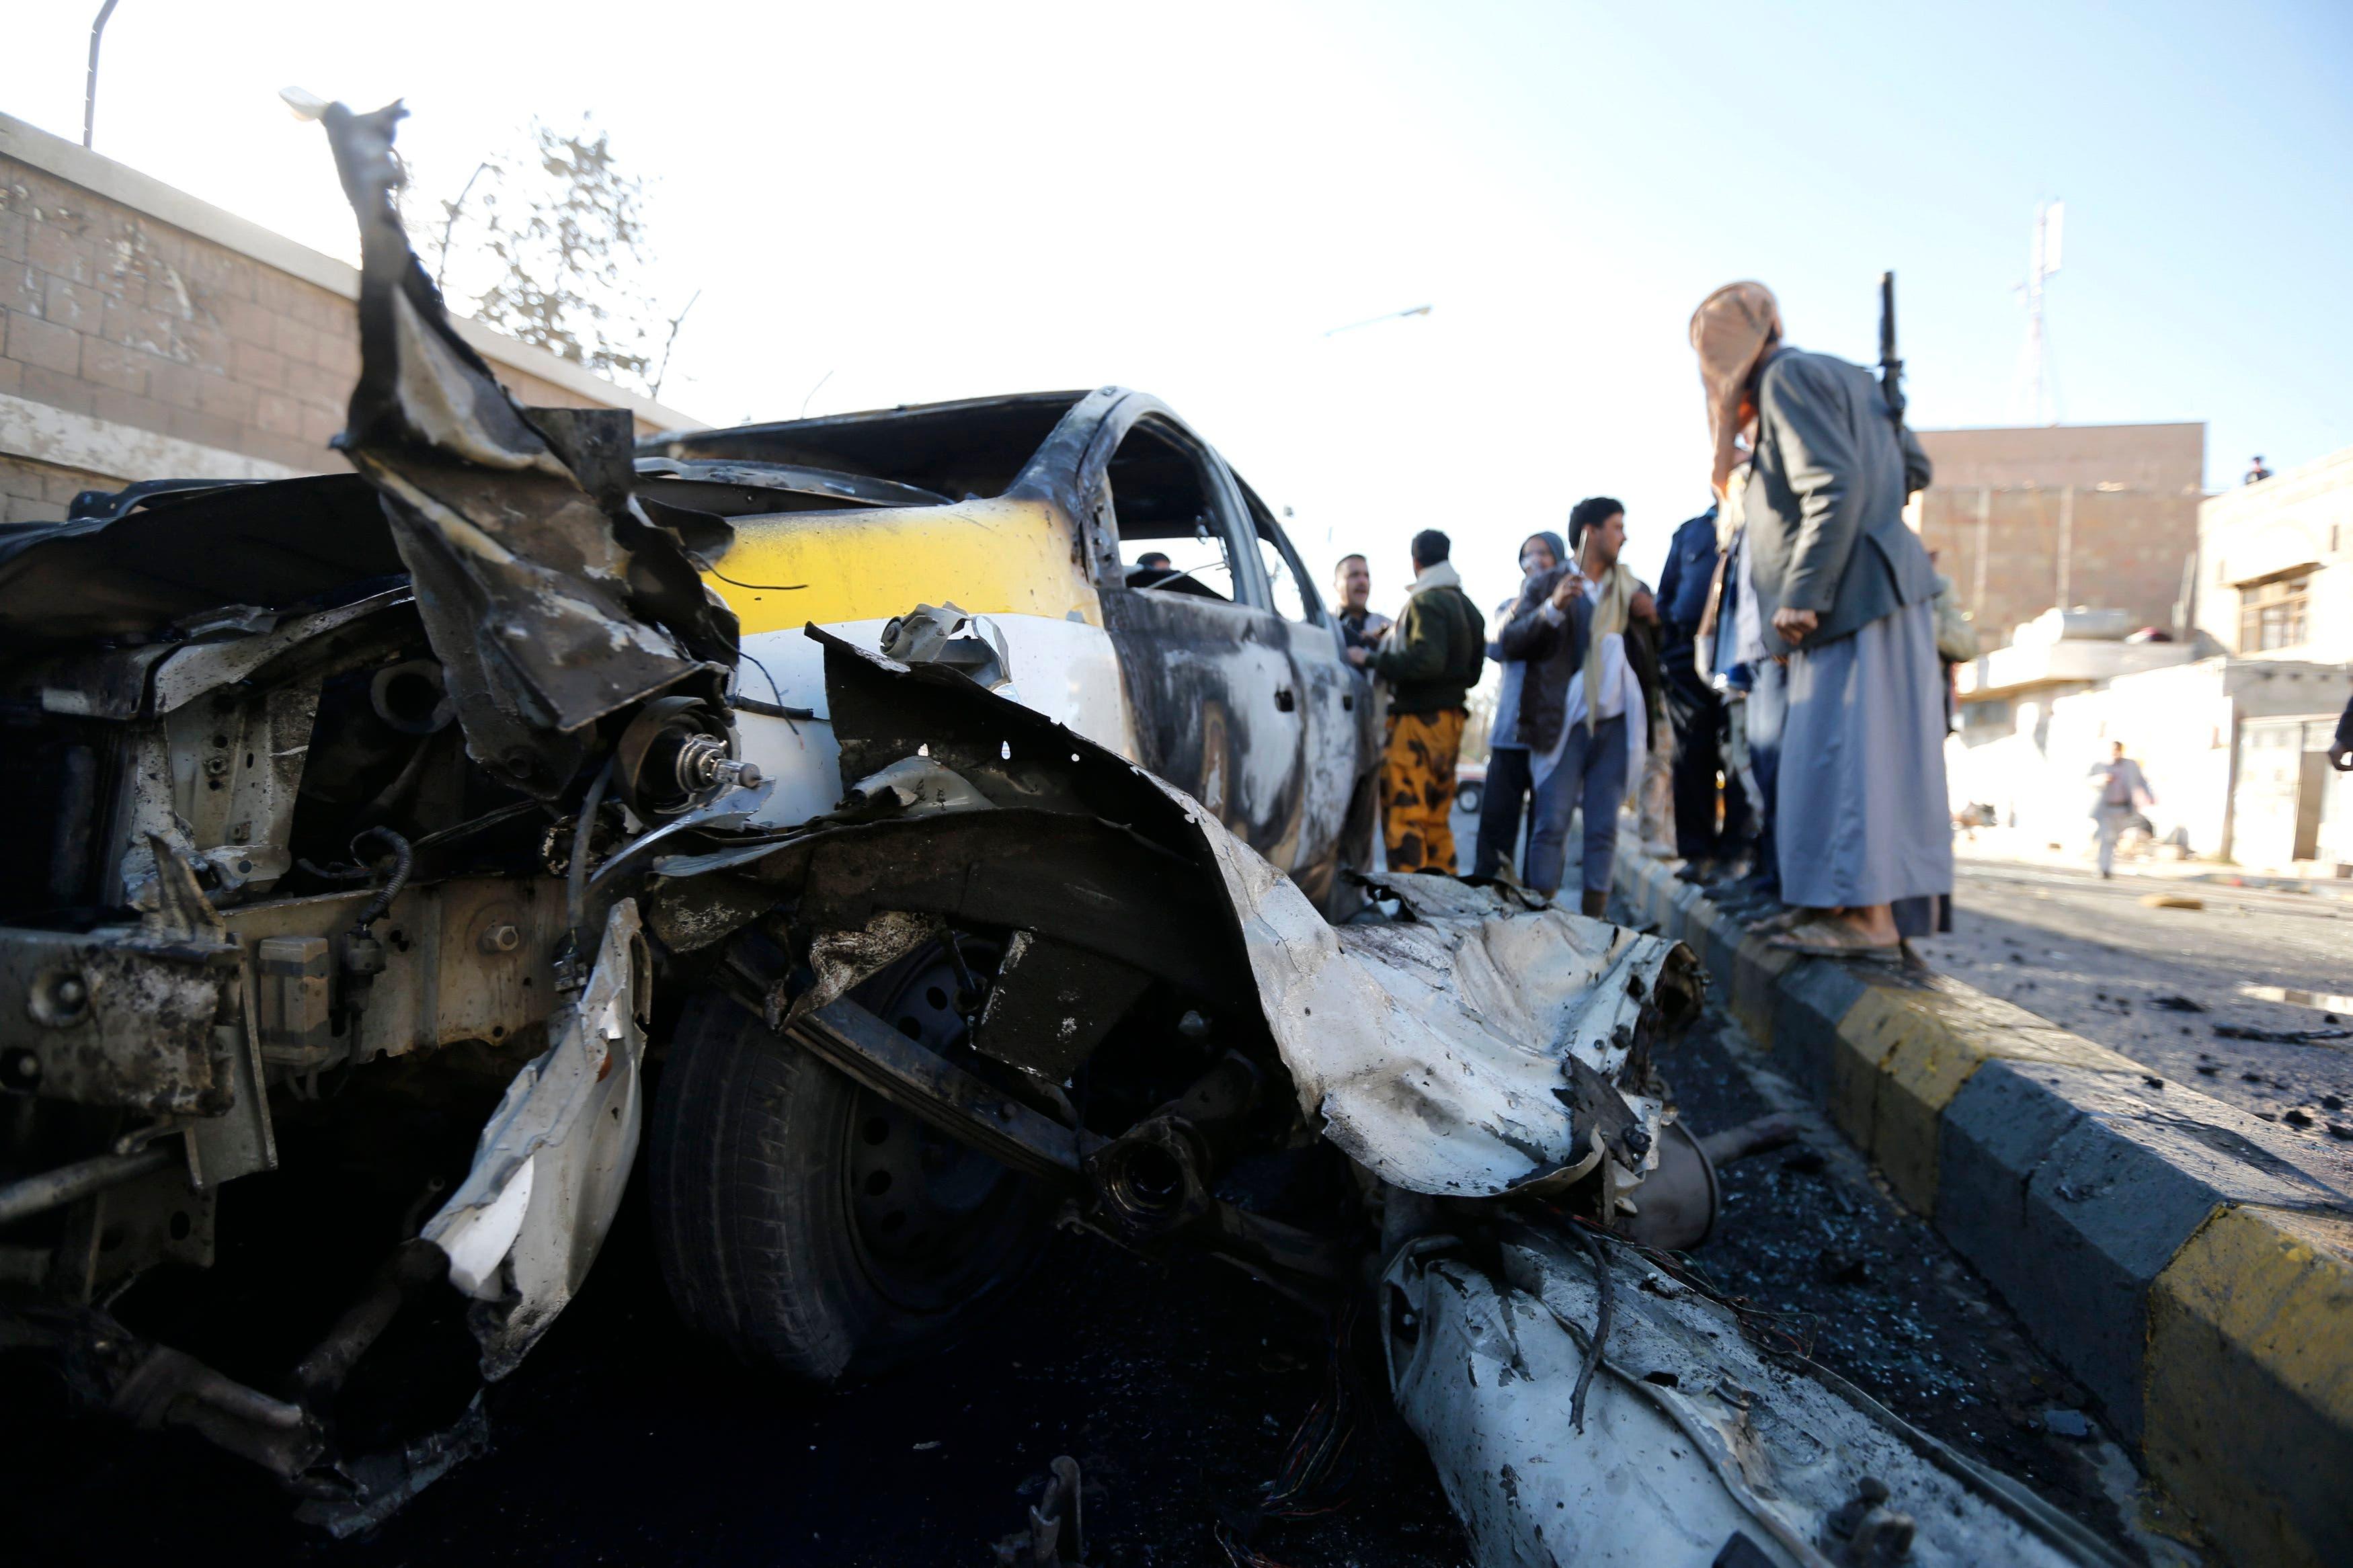 صنعاء عشرات القتلى في تفجير دامٍ فجراً7/1/2015  3d188964-bbac-44cd-b6f2-4d9e25747a59